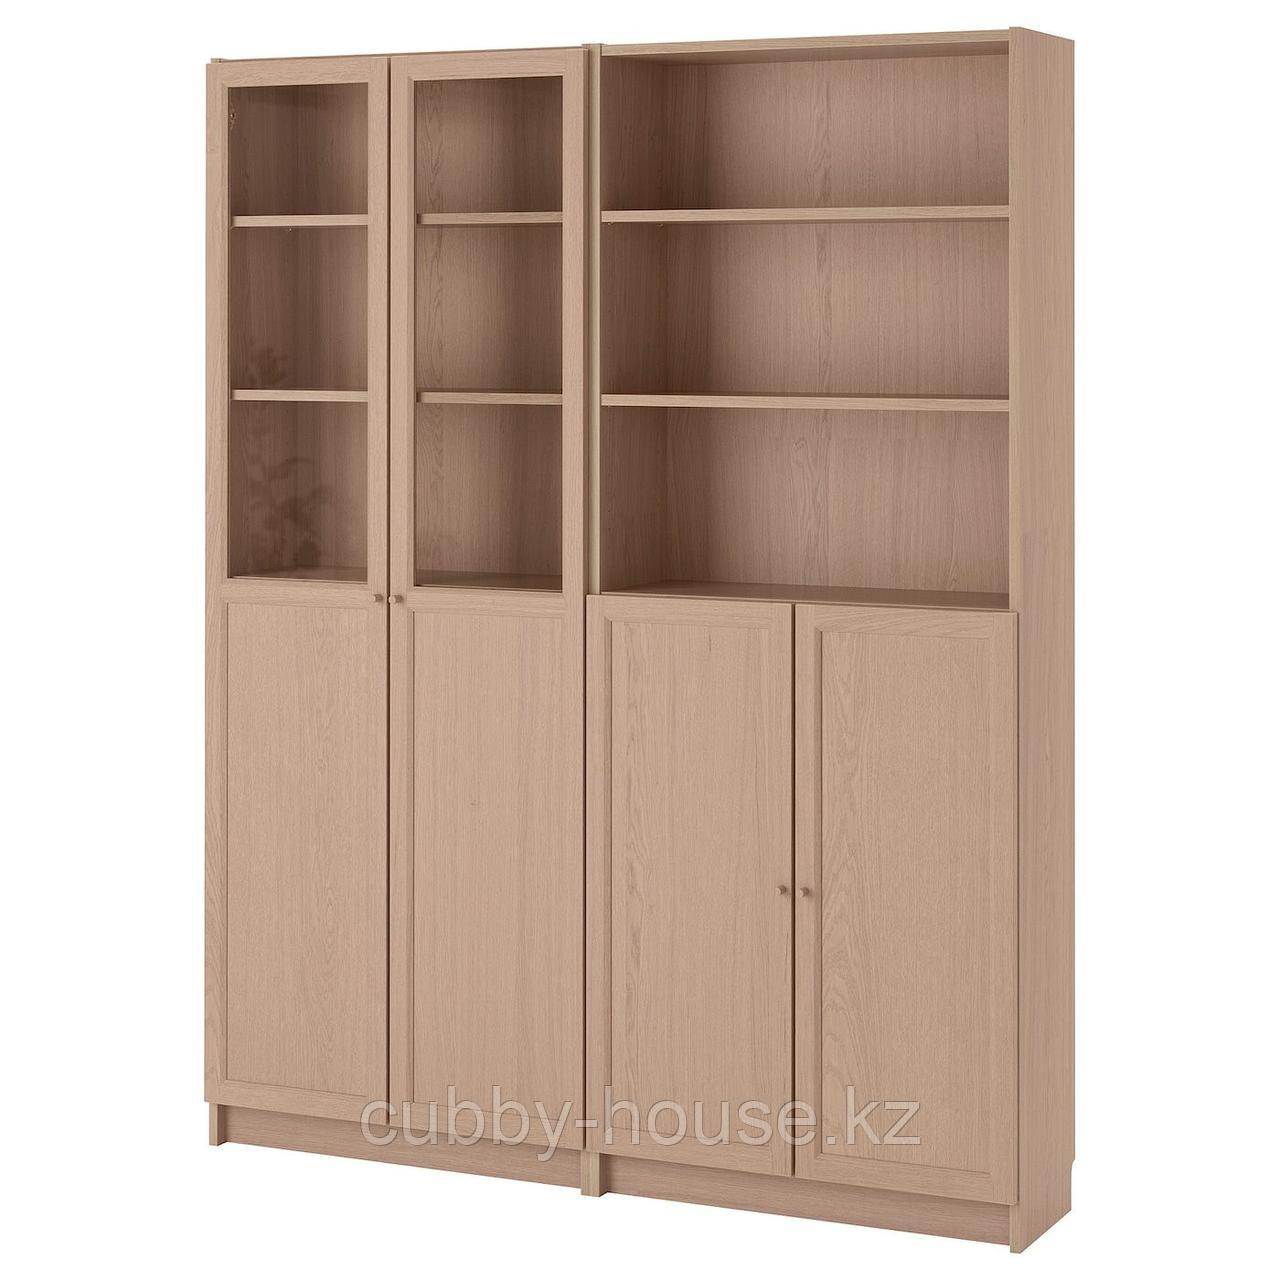 БИЛЛИ / ОКСБЕРГ Стеллаж/панельные/стеклянные двери, черно-коричневый, 160x30x202 см